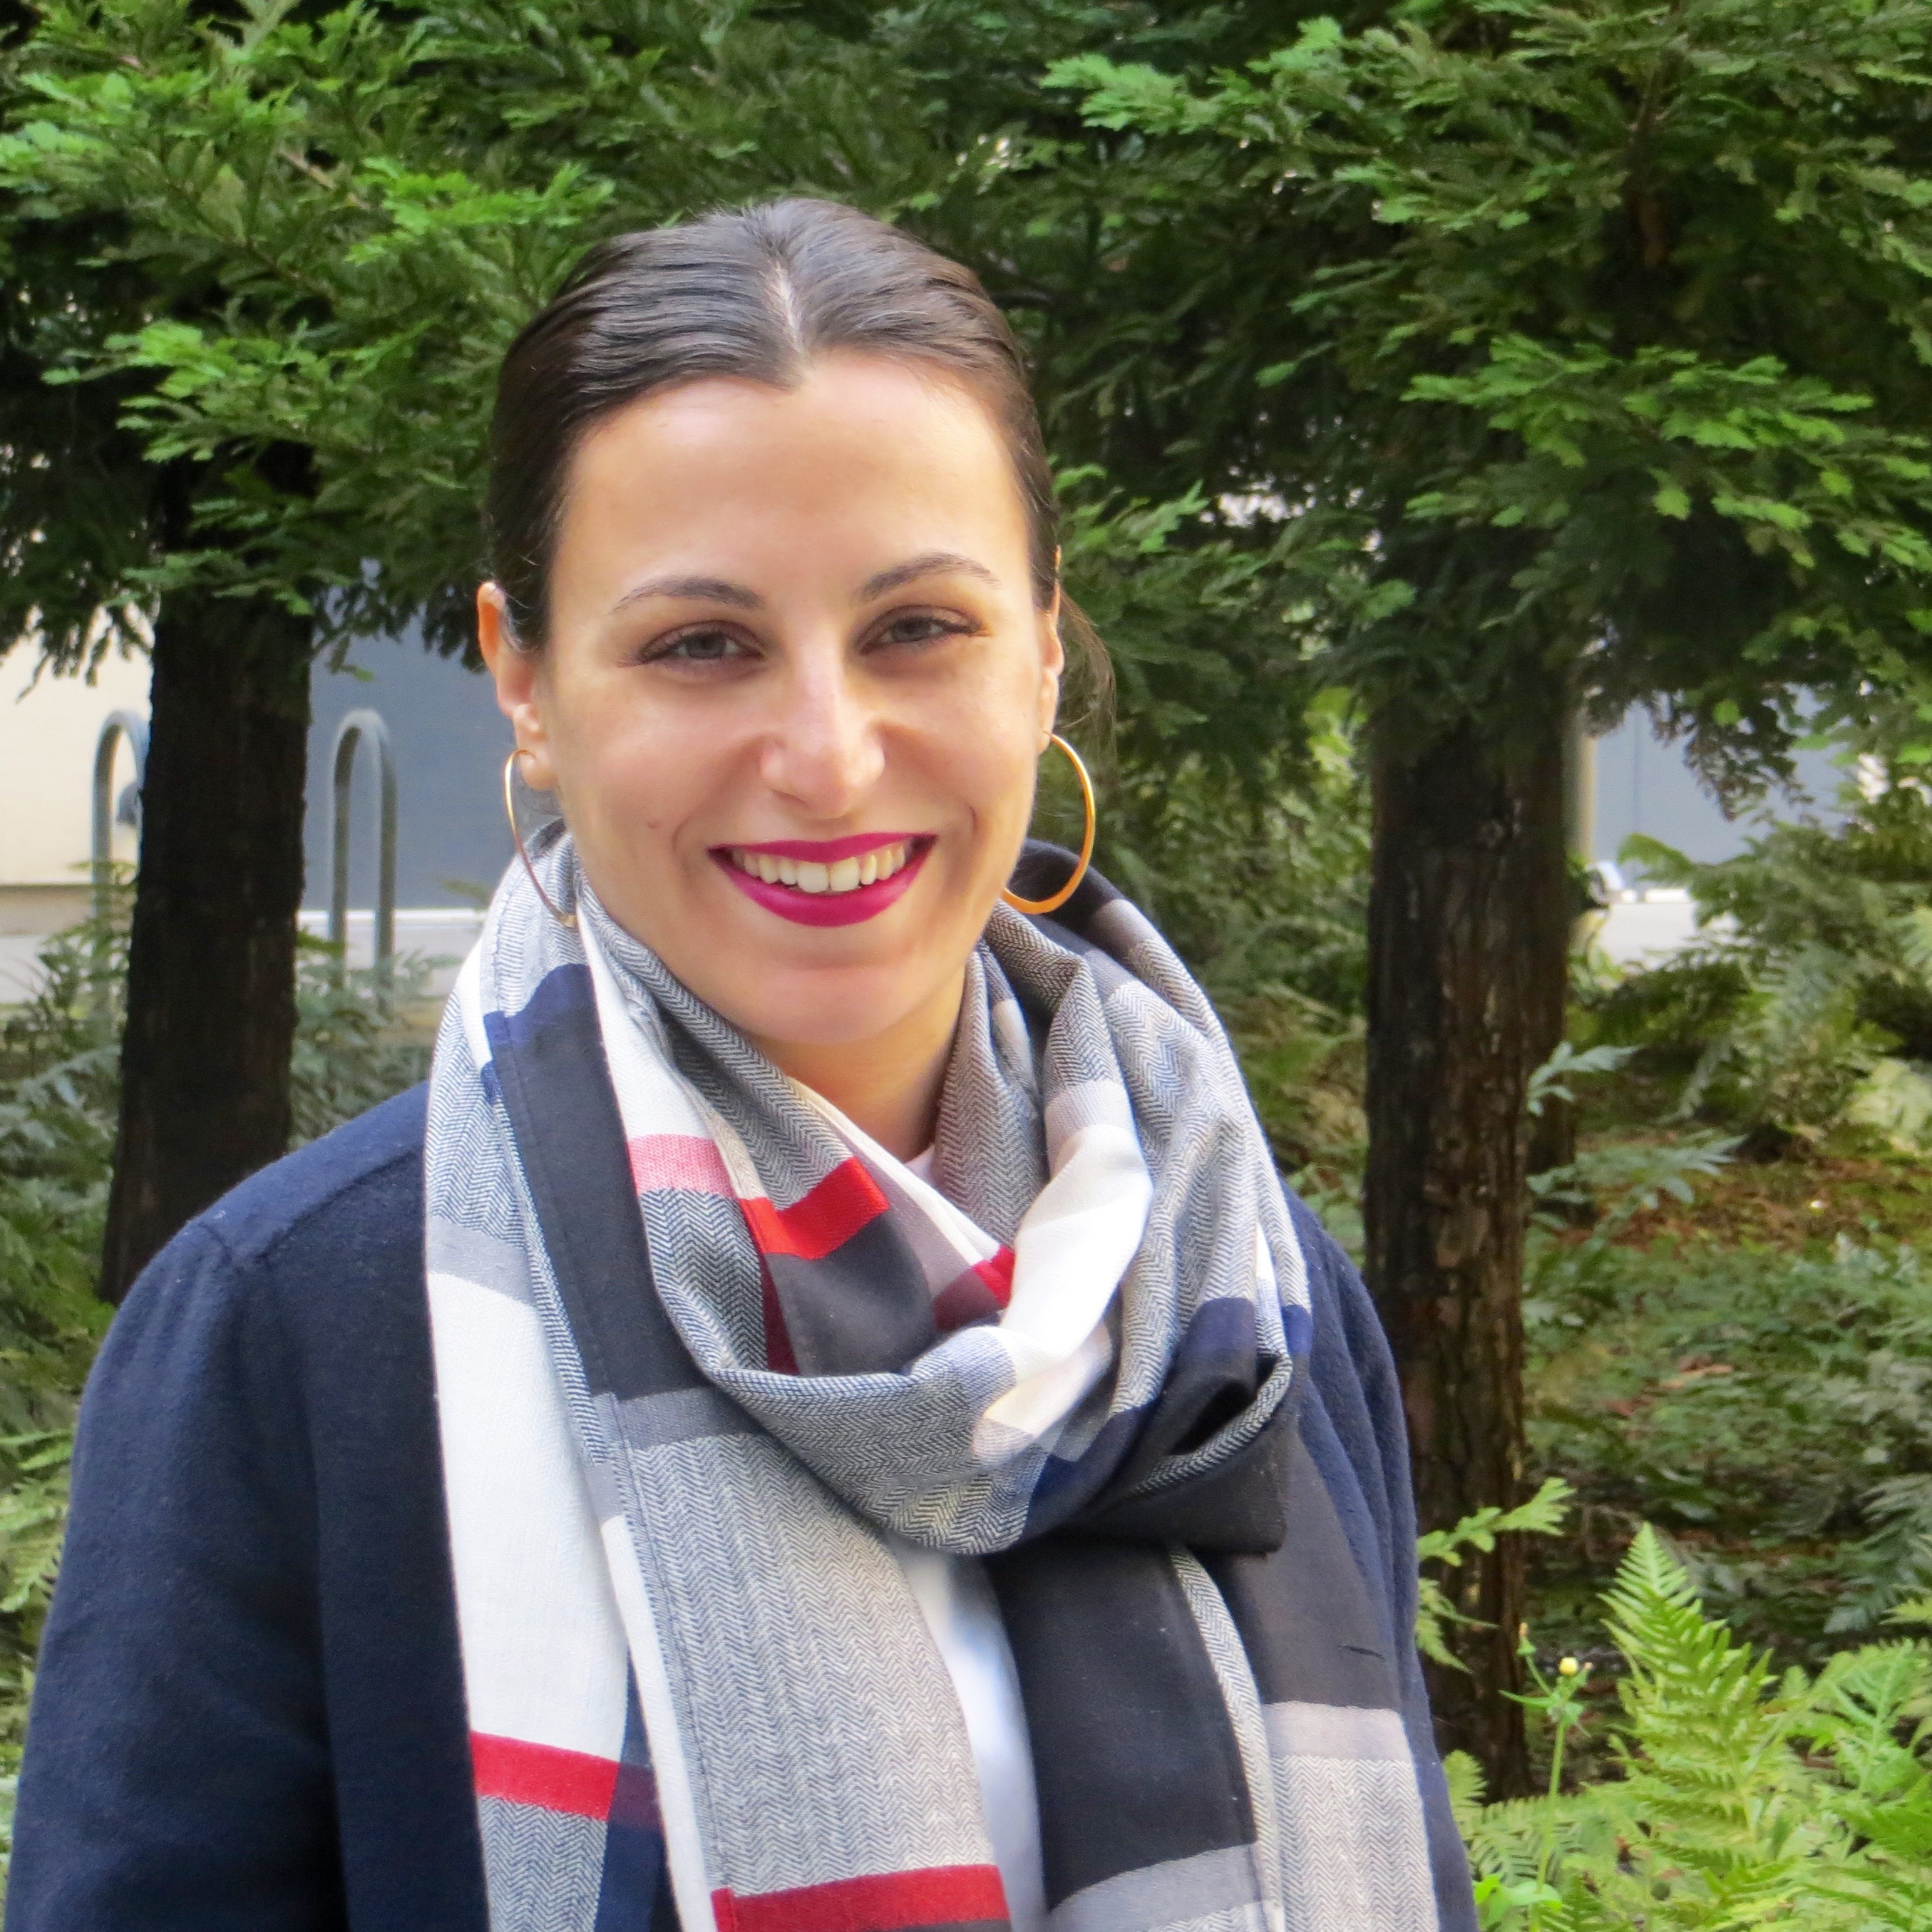 Zainab Sadoun